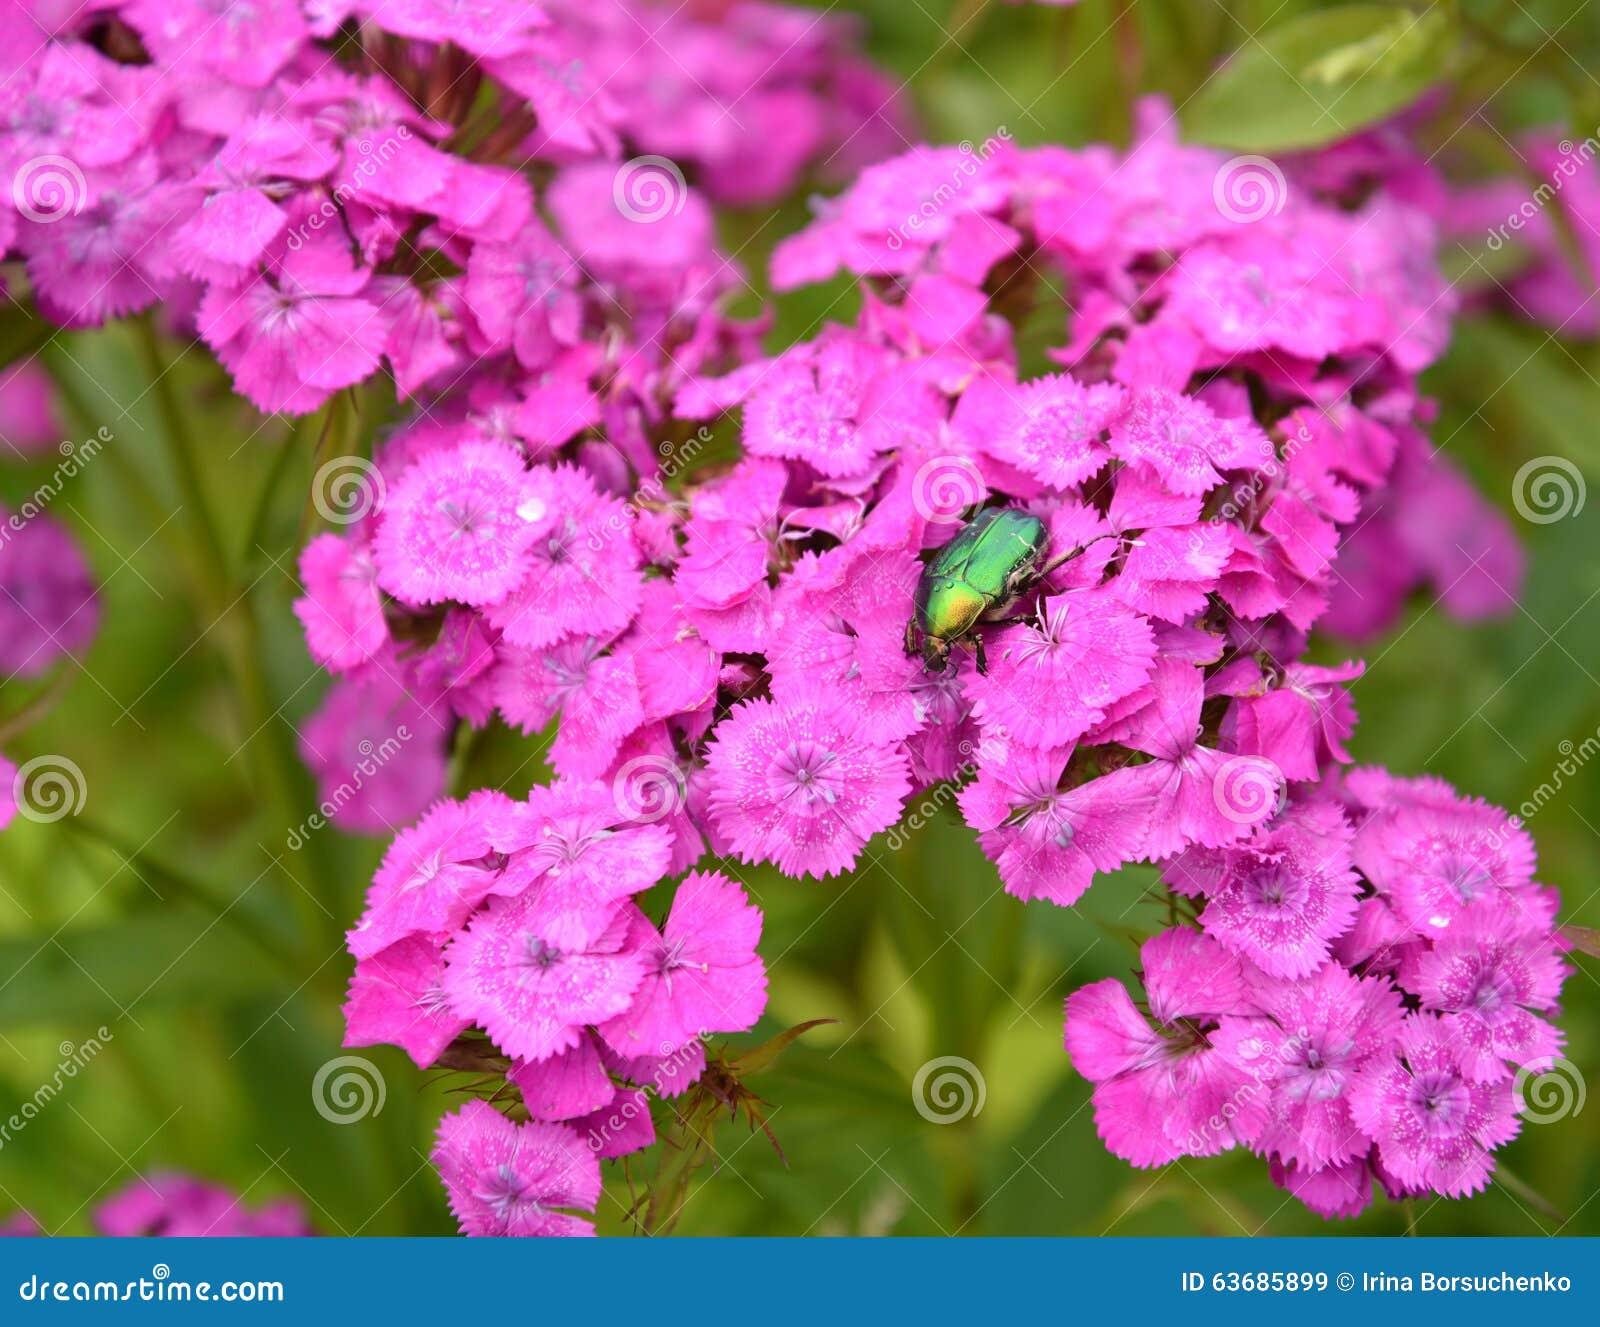 l'insecte qu'un scarabée rose se repose sur des fleurs de l